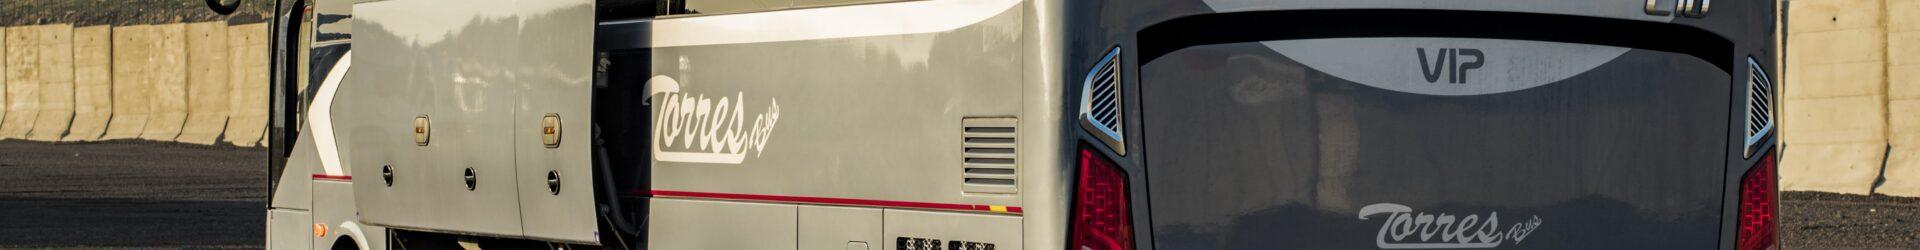 Alquiler autocares aeropuerto de Madrid